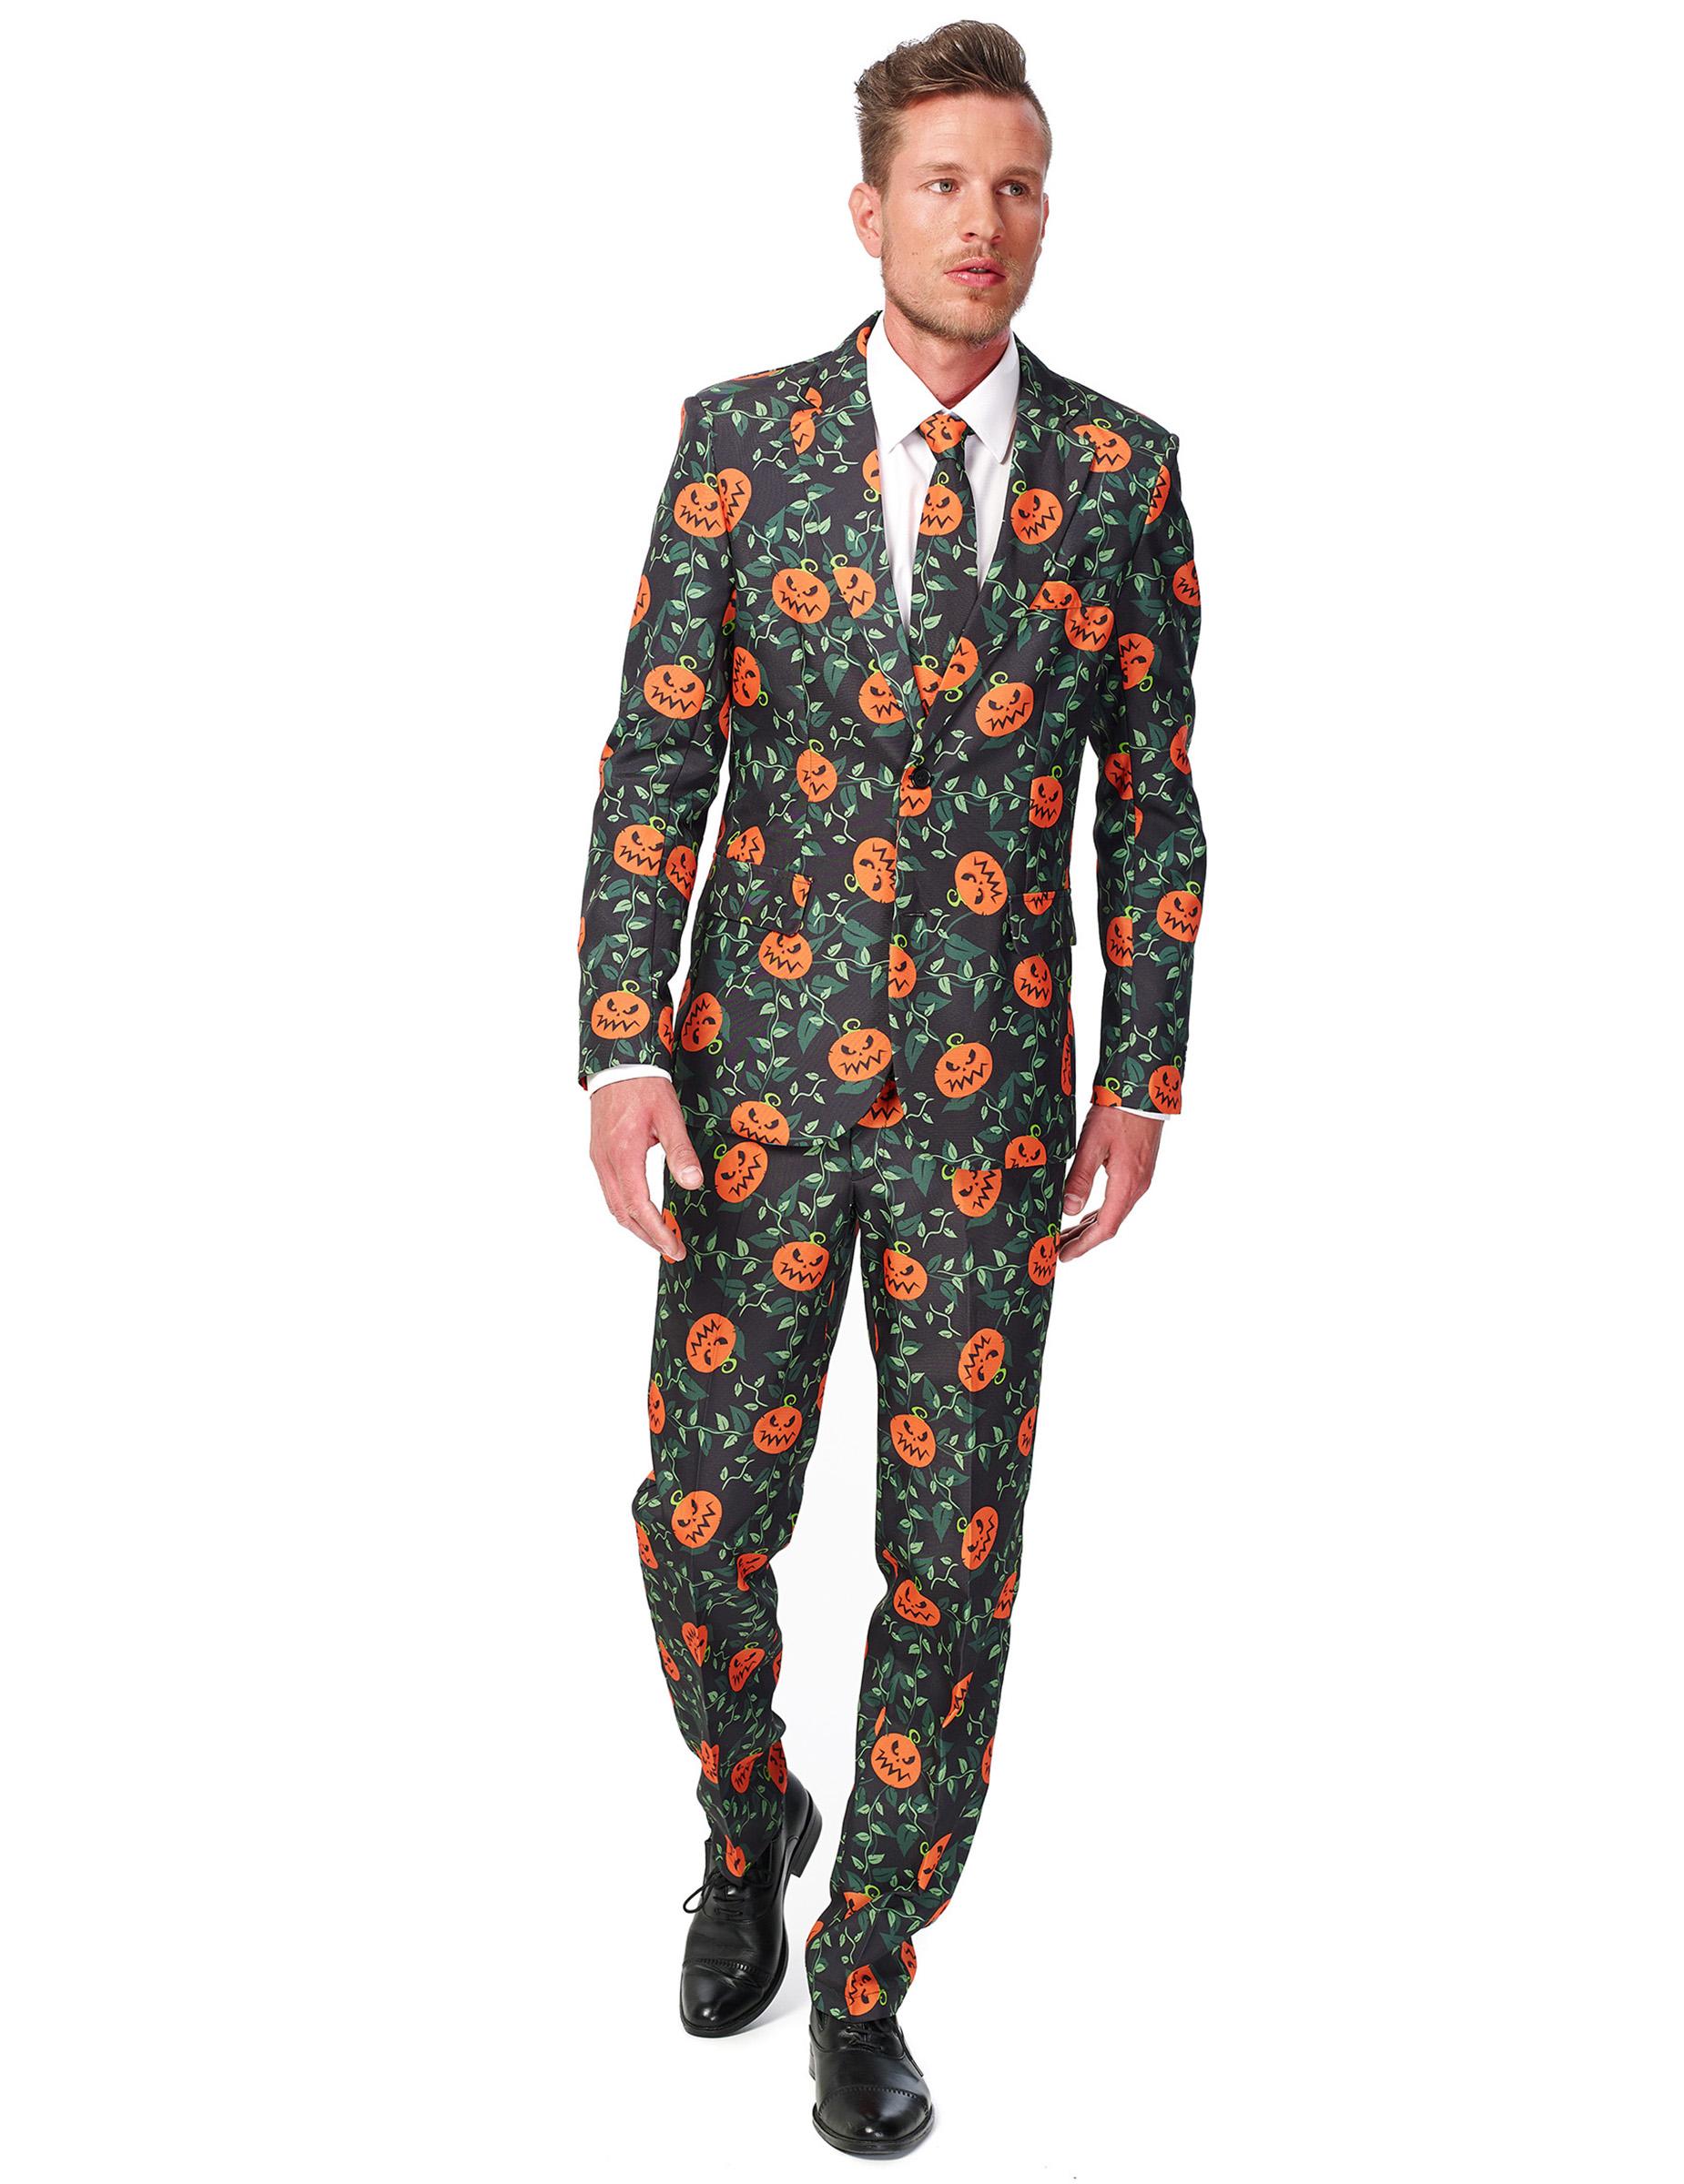 Pumpakostym Suitmeister™ Halloween 684f9ff02af73